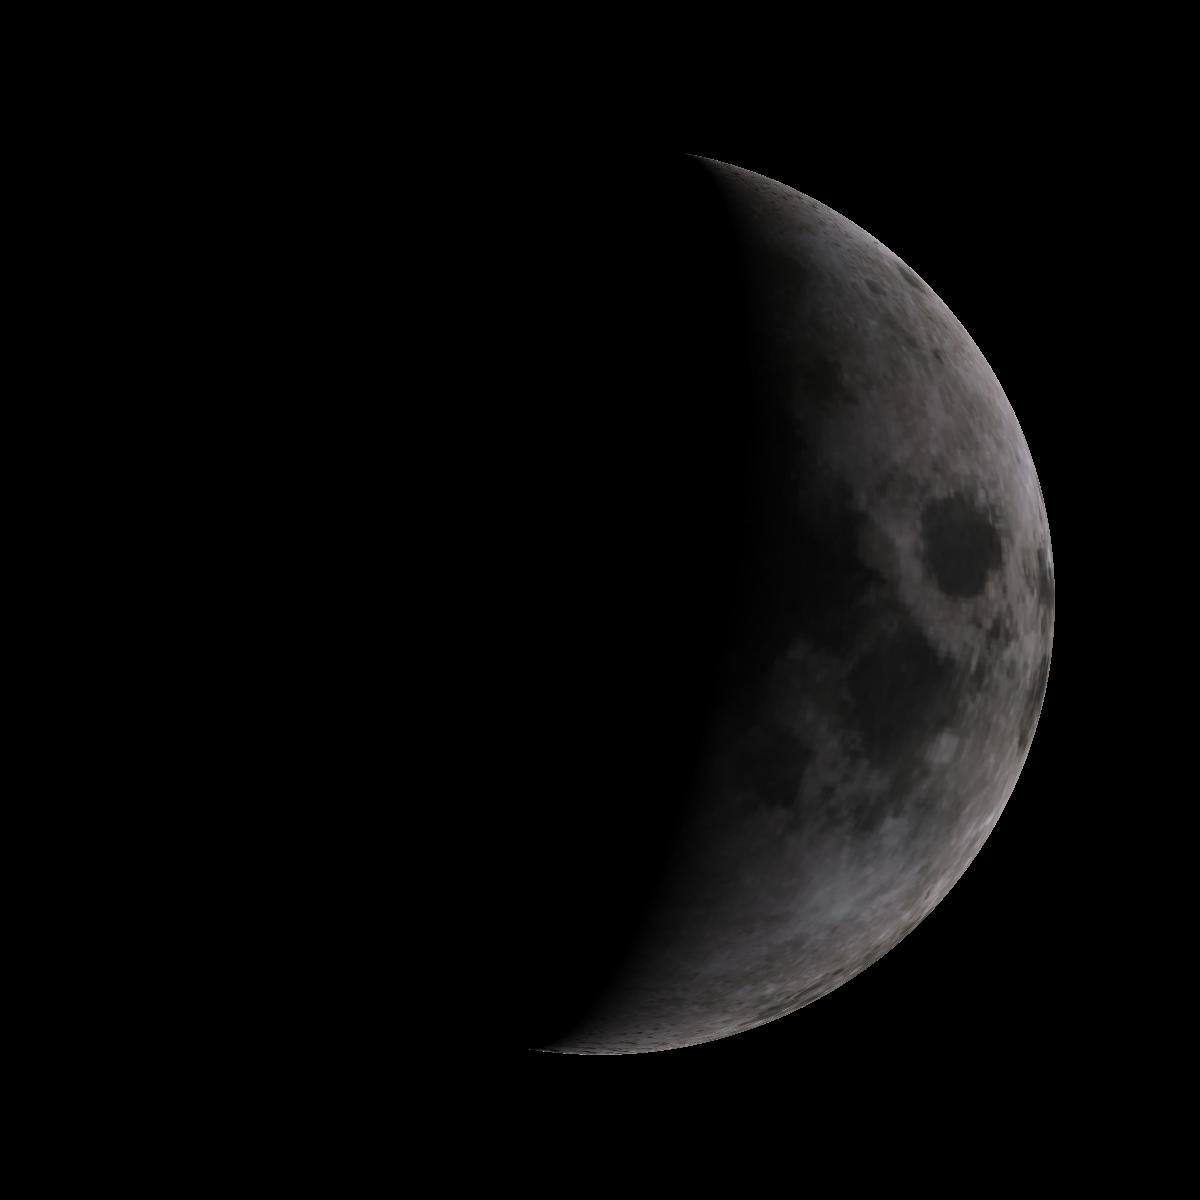 Lune du 3 novembre 2019